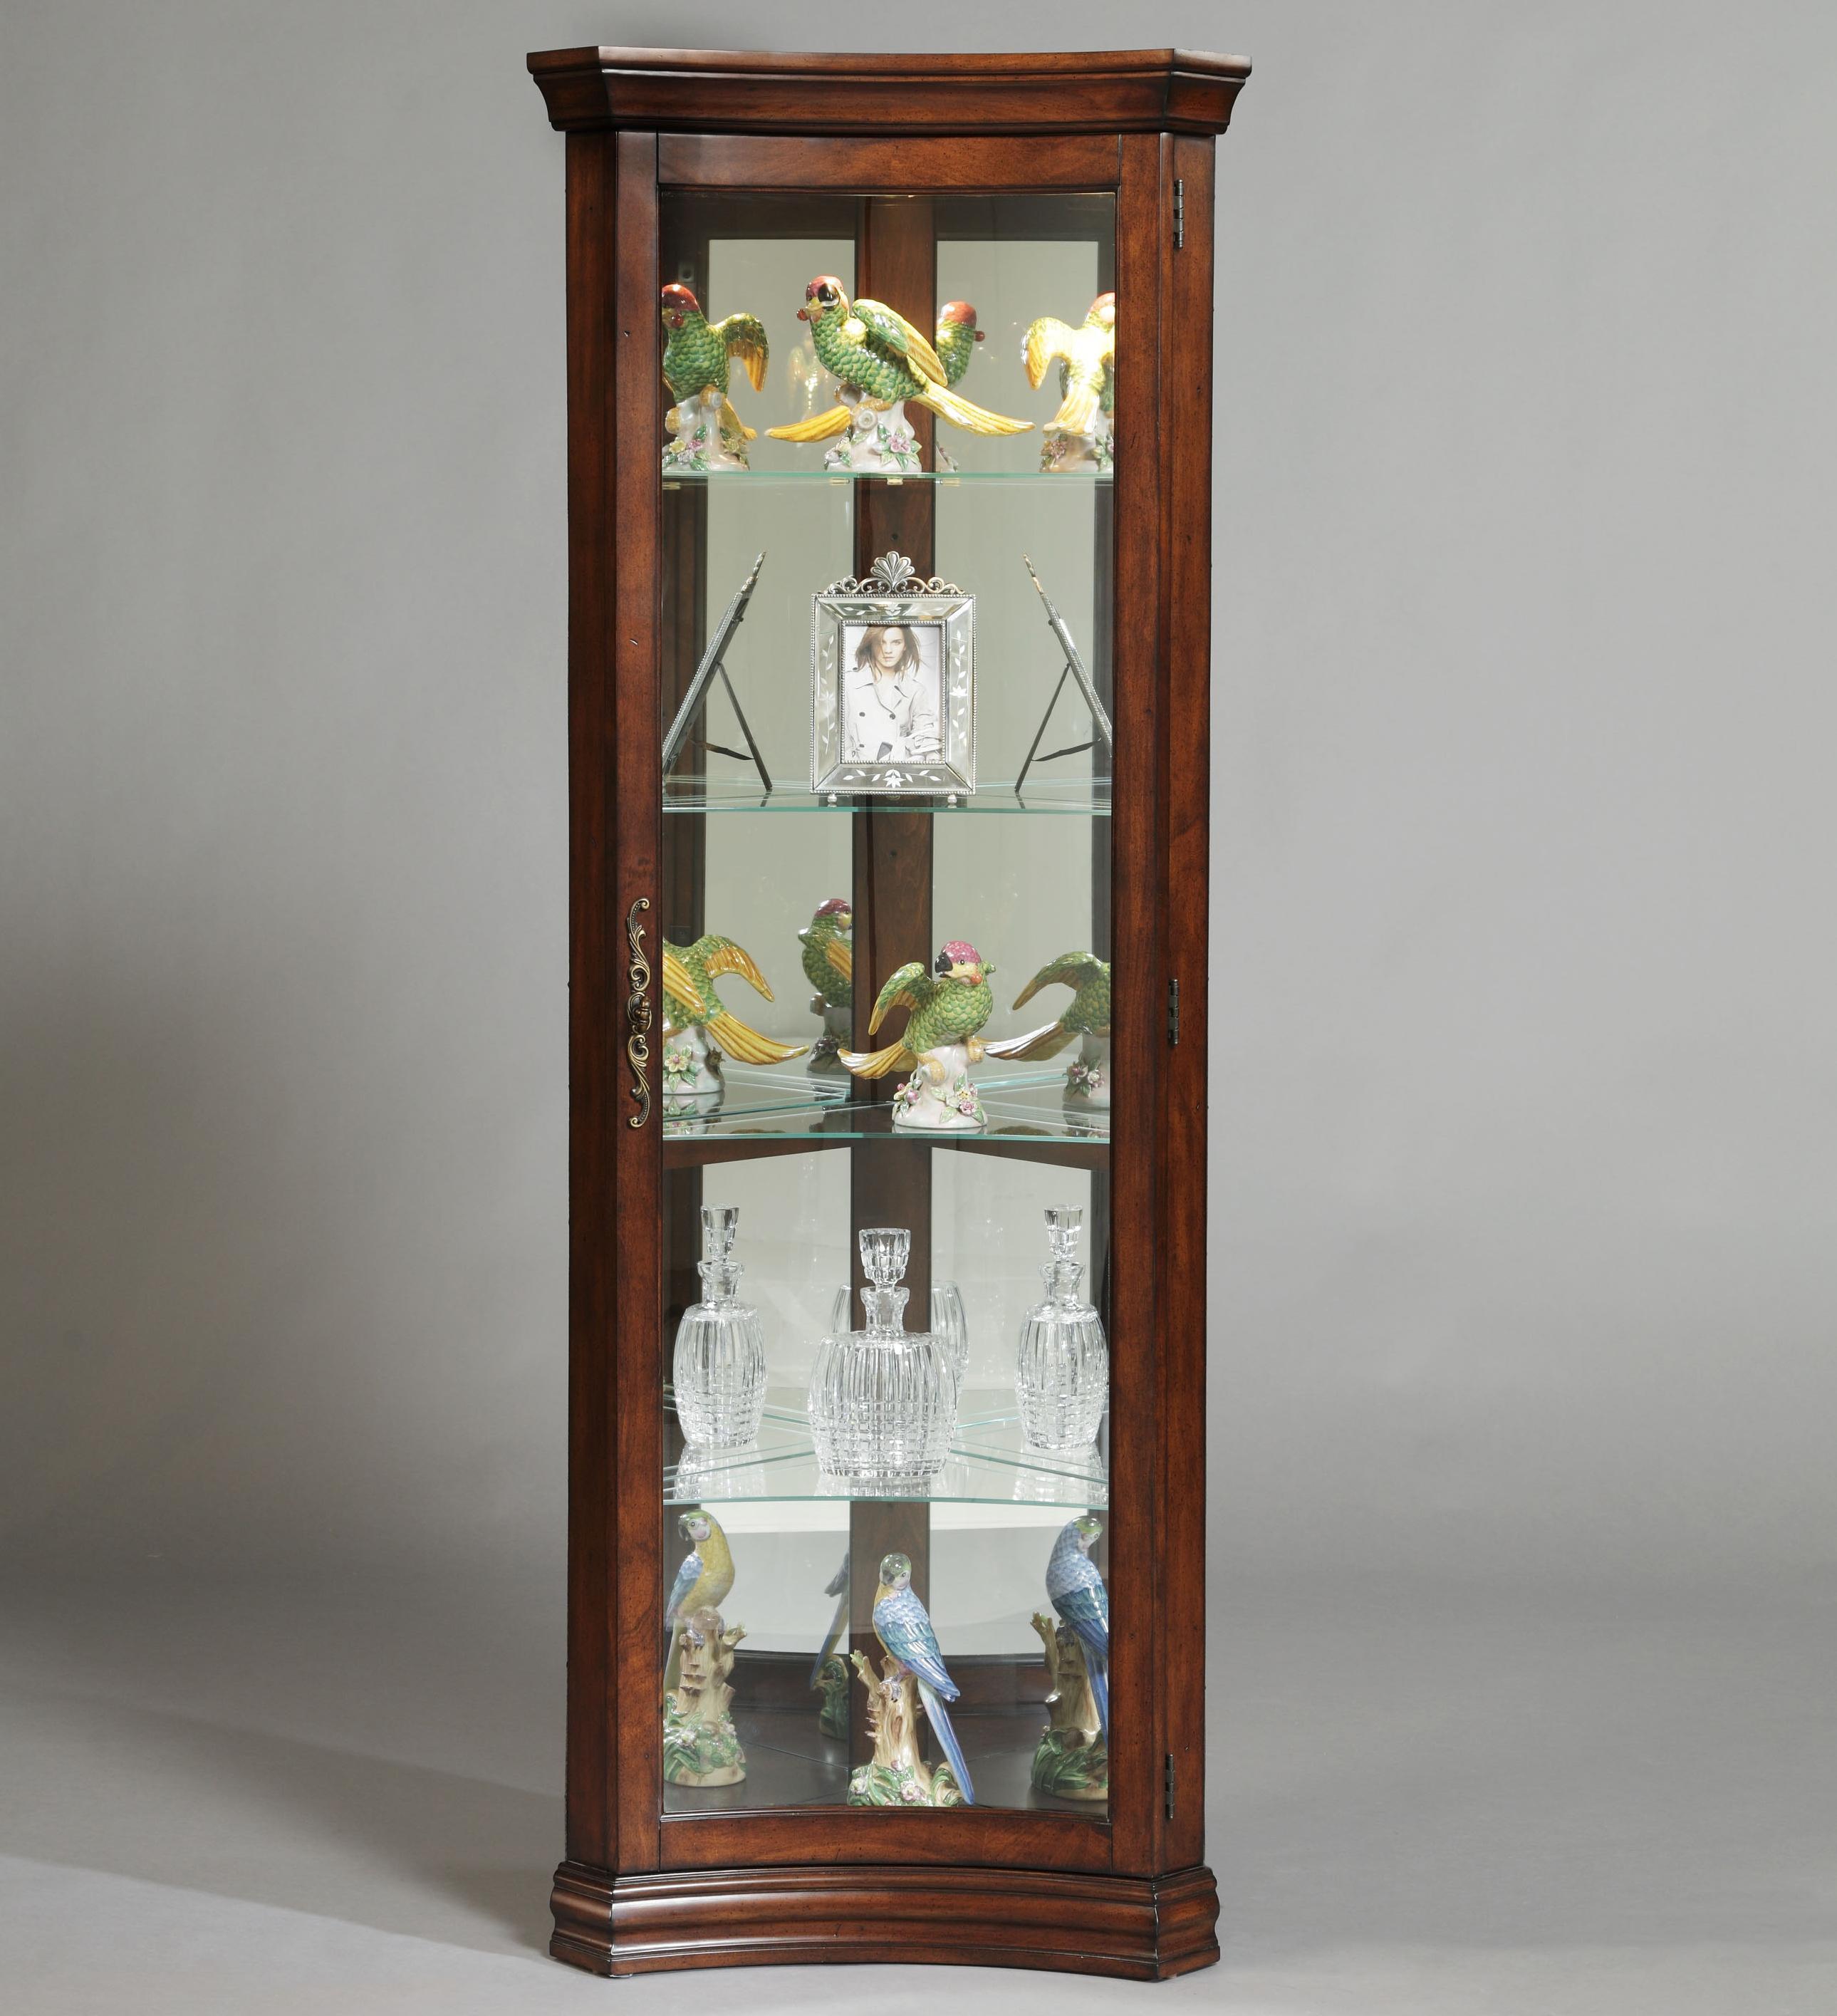 Curios Concave Corner Curio by Pulaski Furniture at Baer's Furniture